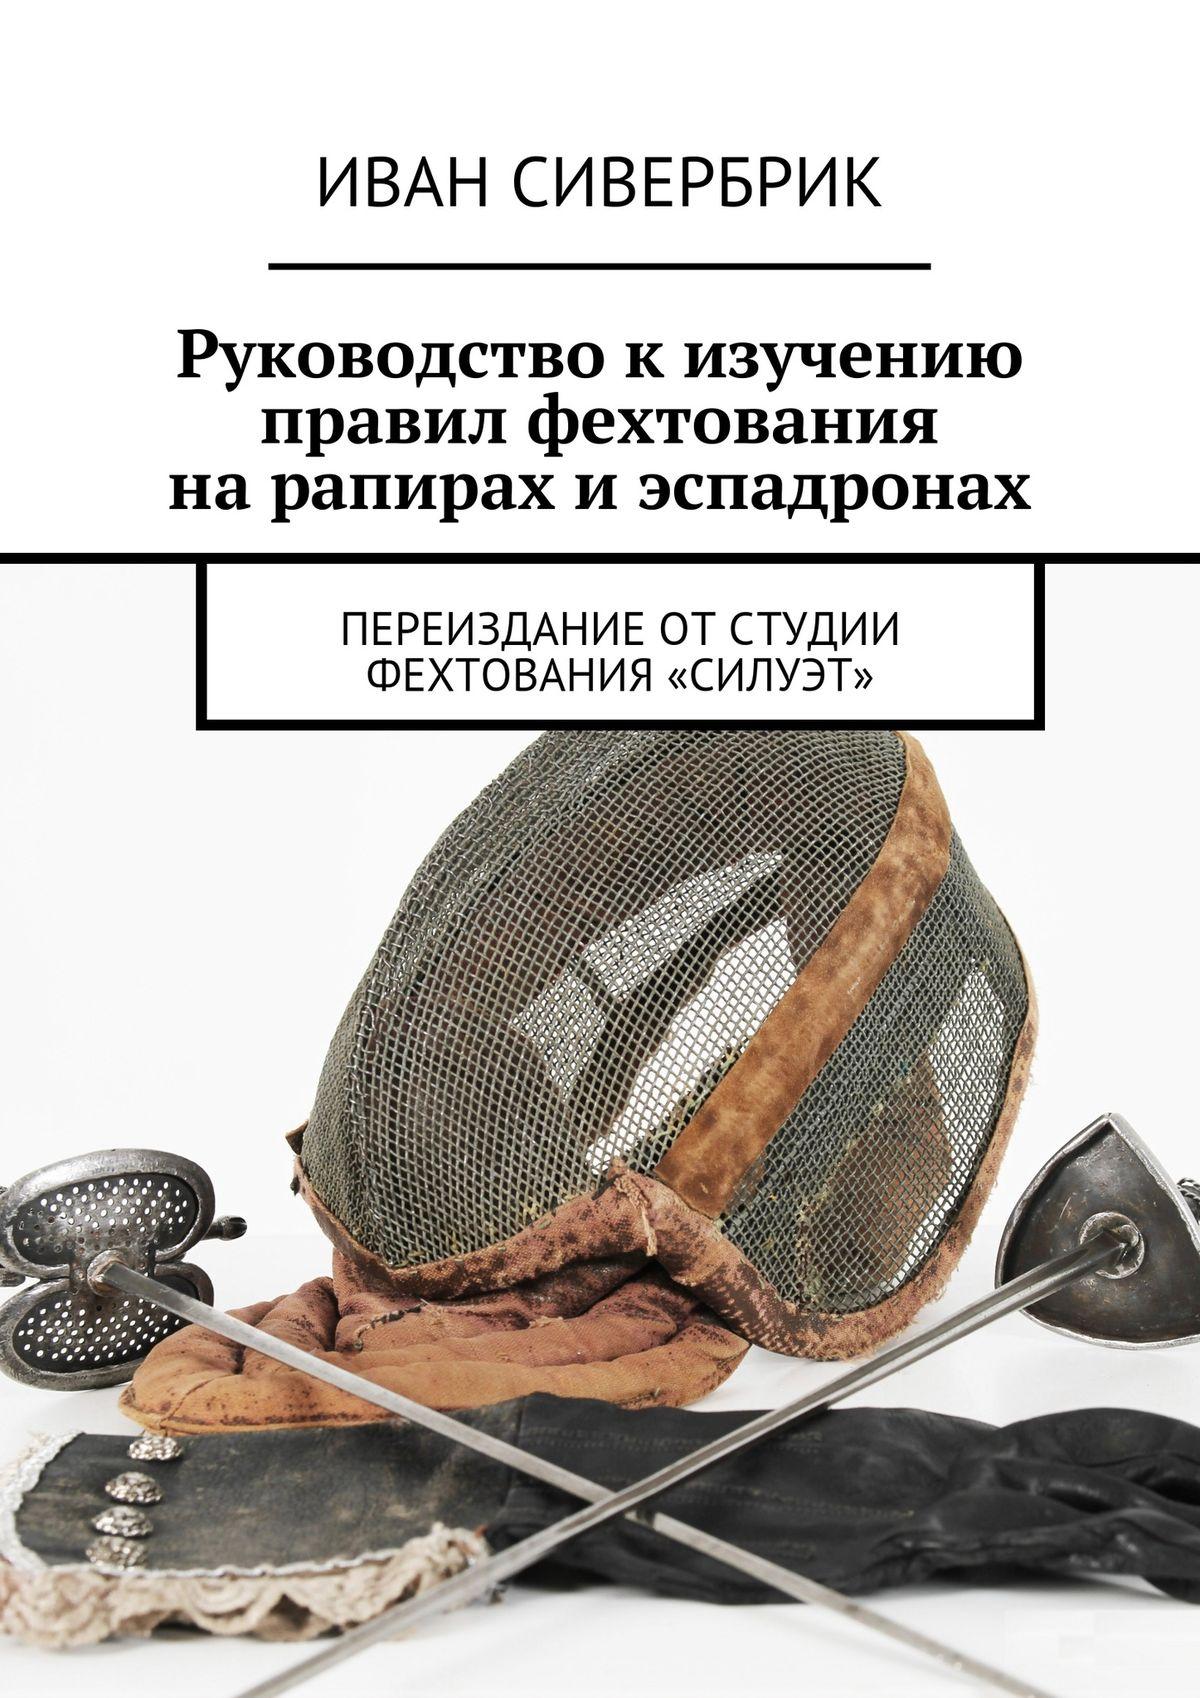 Руководство к изучению правил фехтования на рапирах и эспадронах